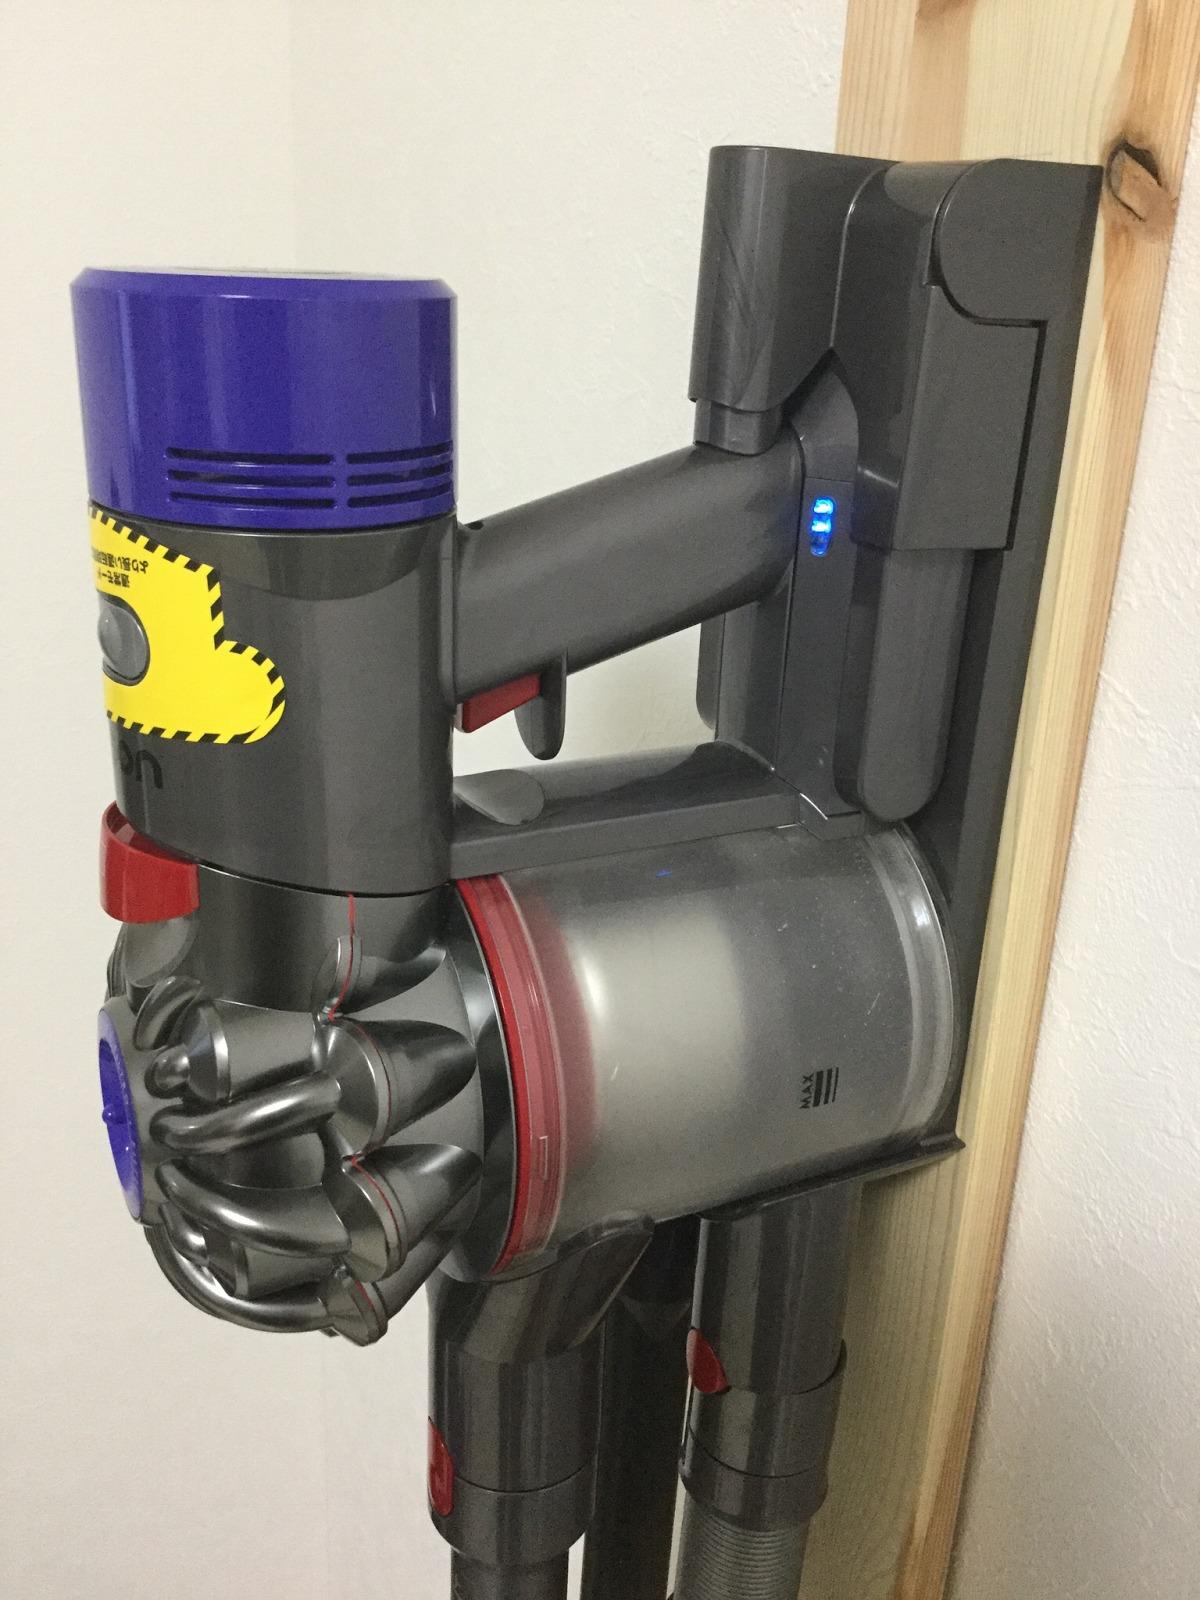 ダイソン コードレス 掃除機 バッテリー 寿命